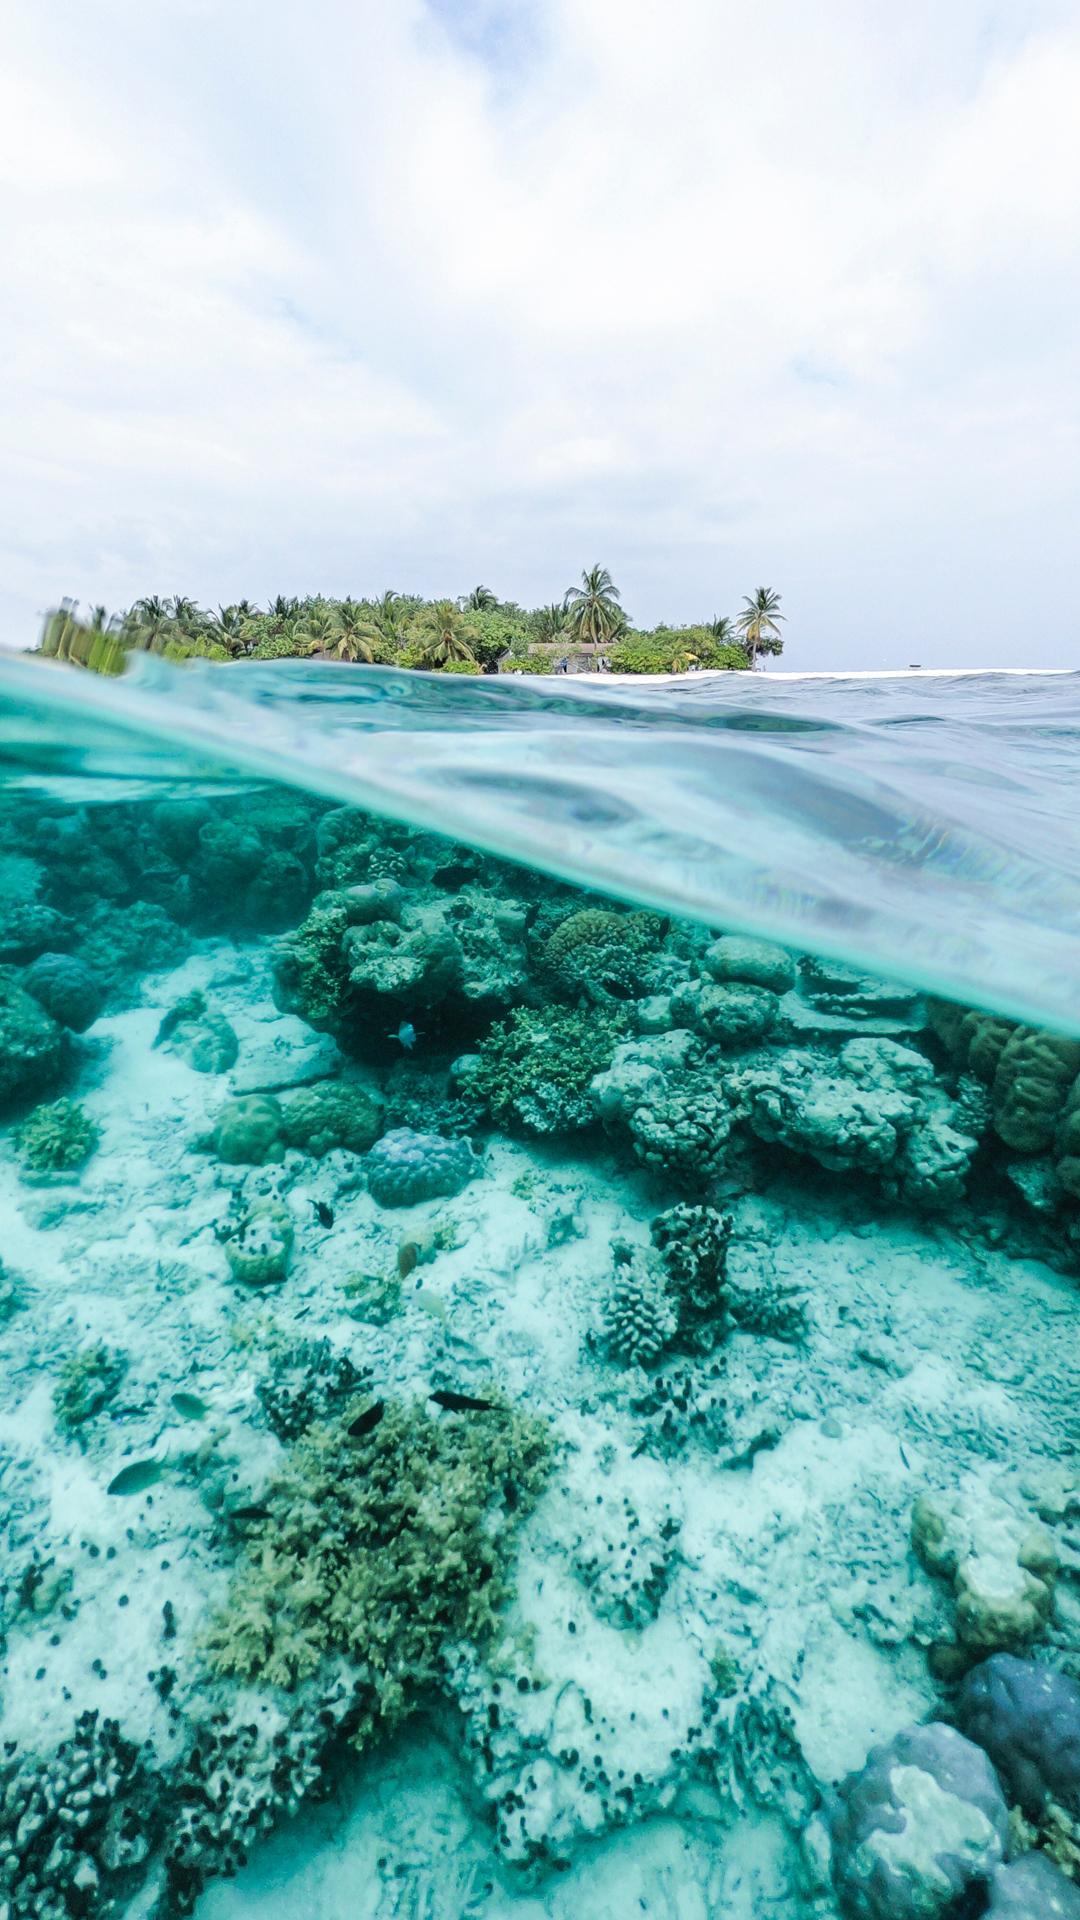 underwater ocean pictures